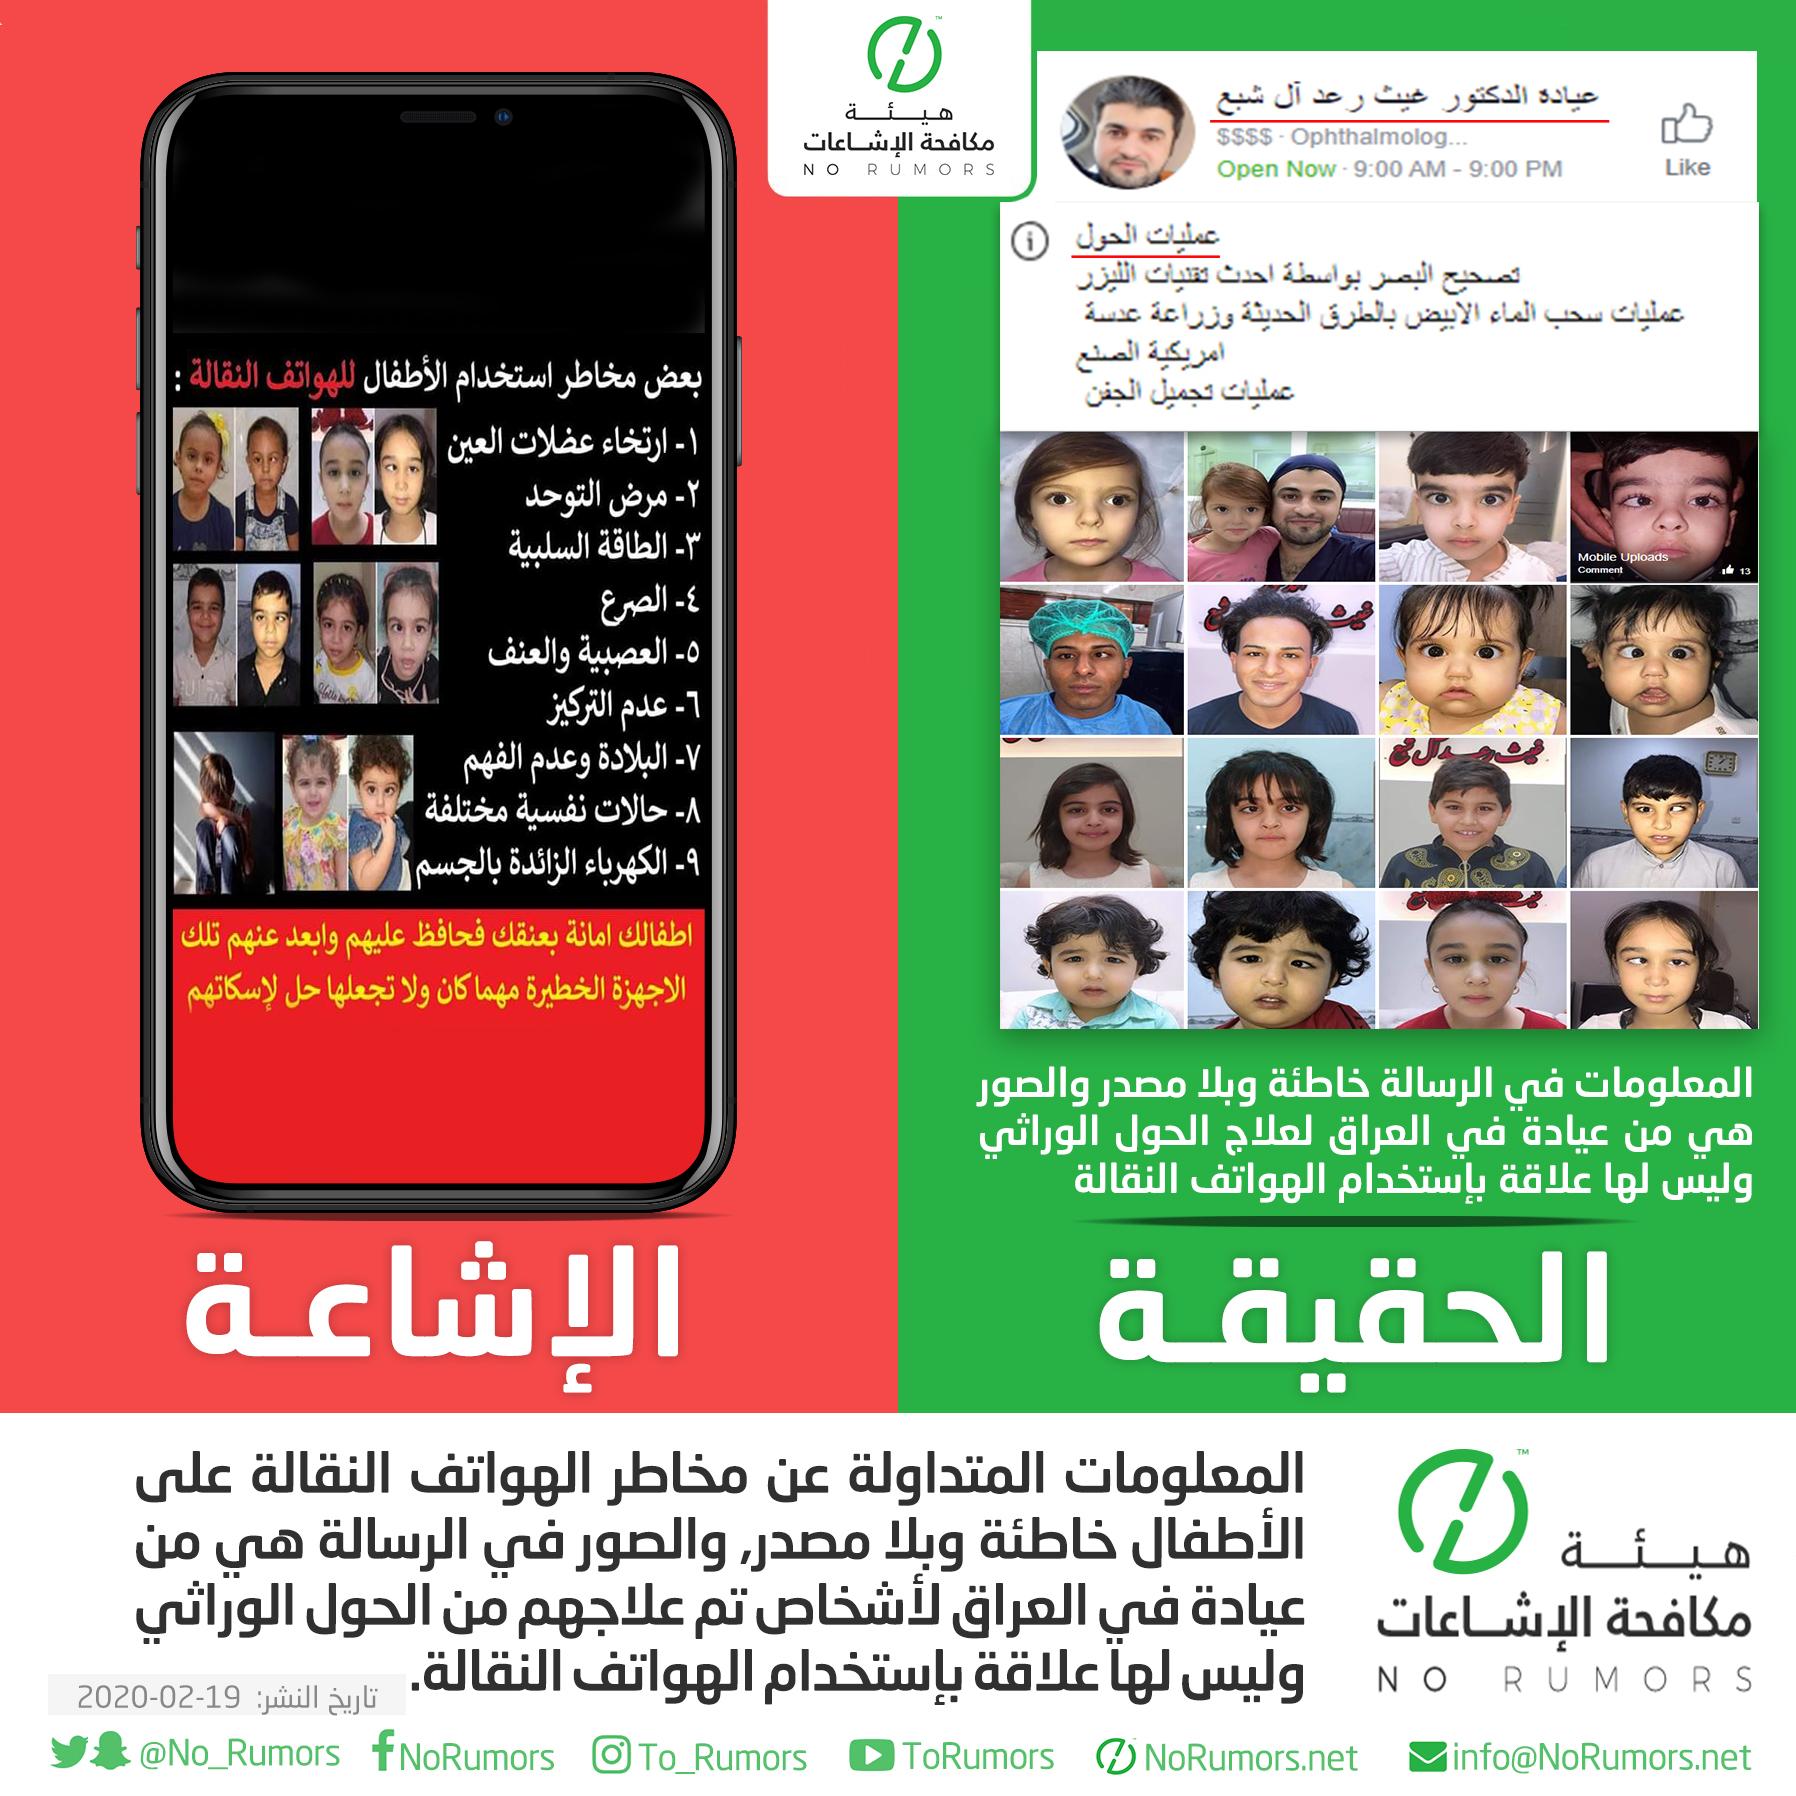 حقيقة المعلومات المتداولة عن مخاطر الهواتف النقالة على الأطفال